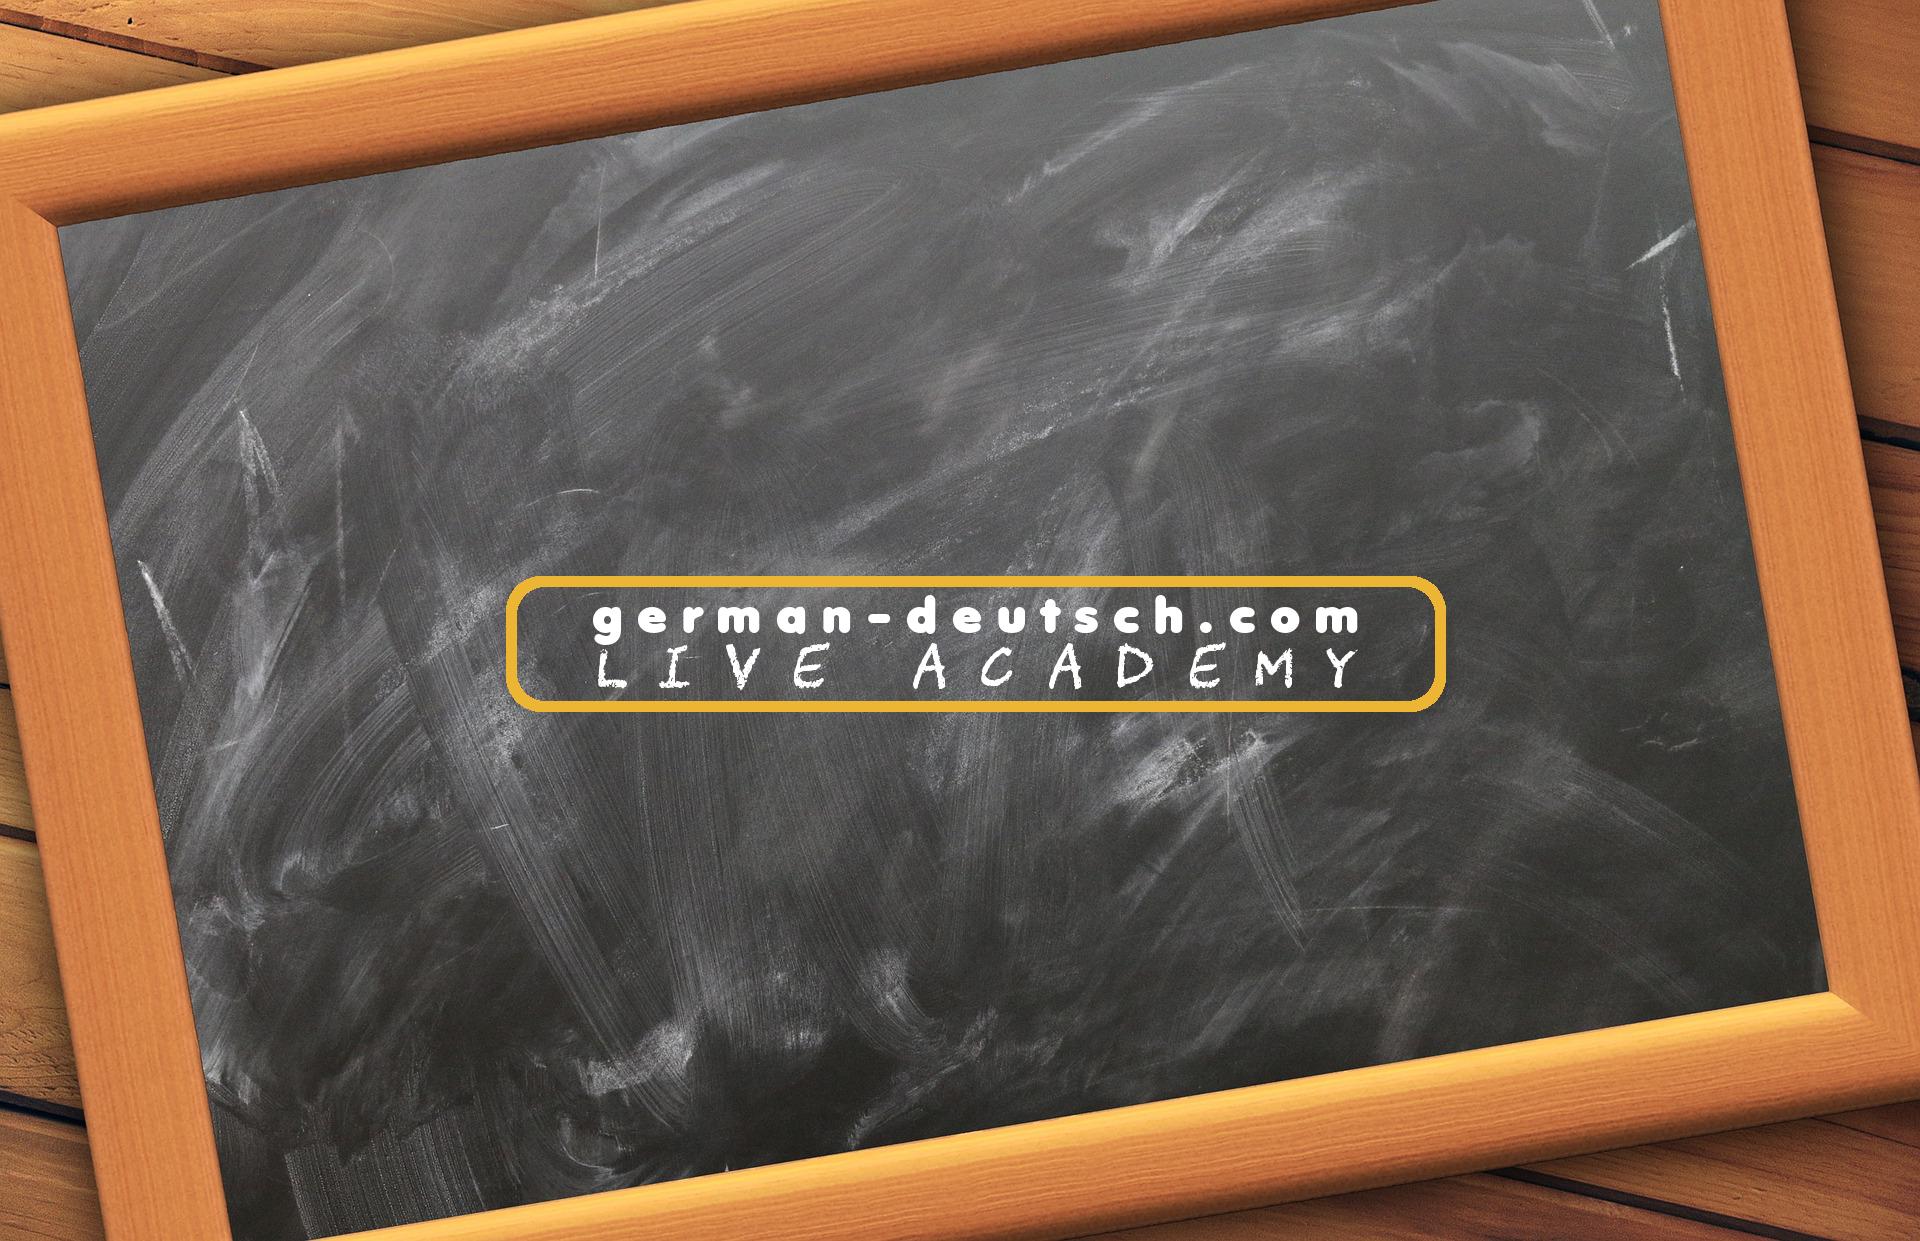 German-deutsch.com Live Academy: Gratis Deutschkurs live